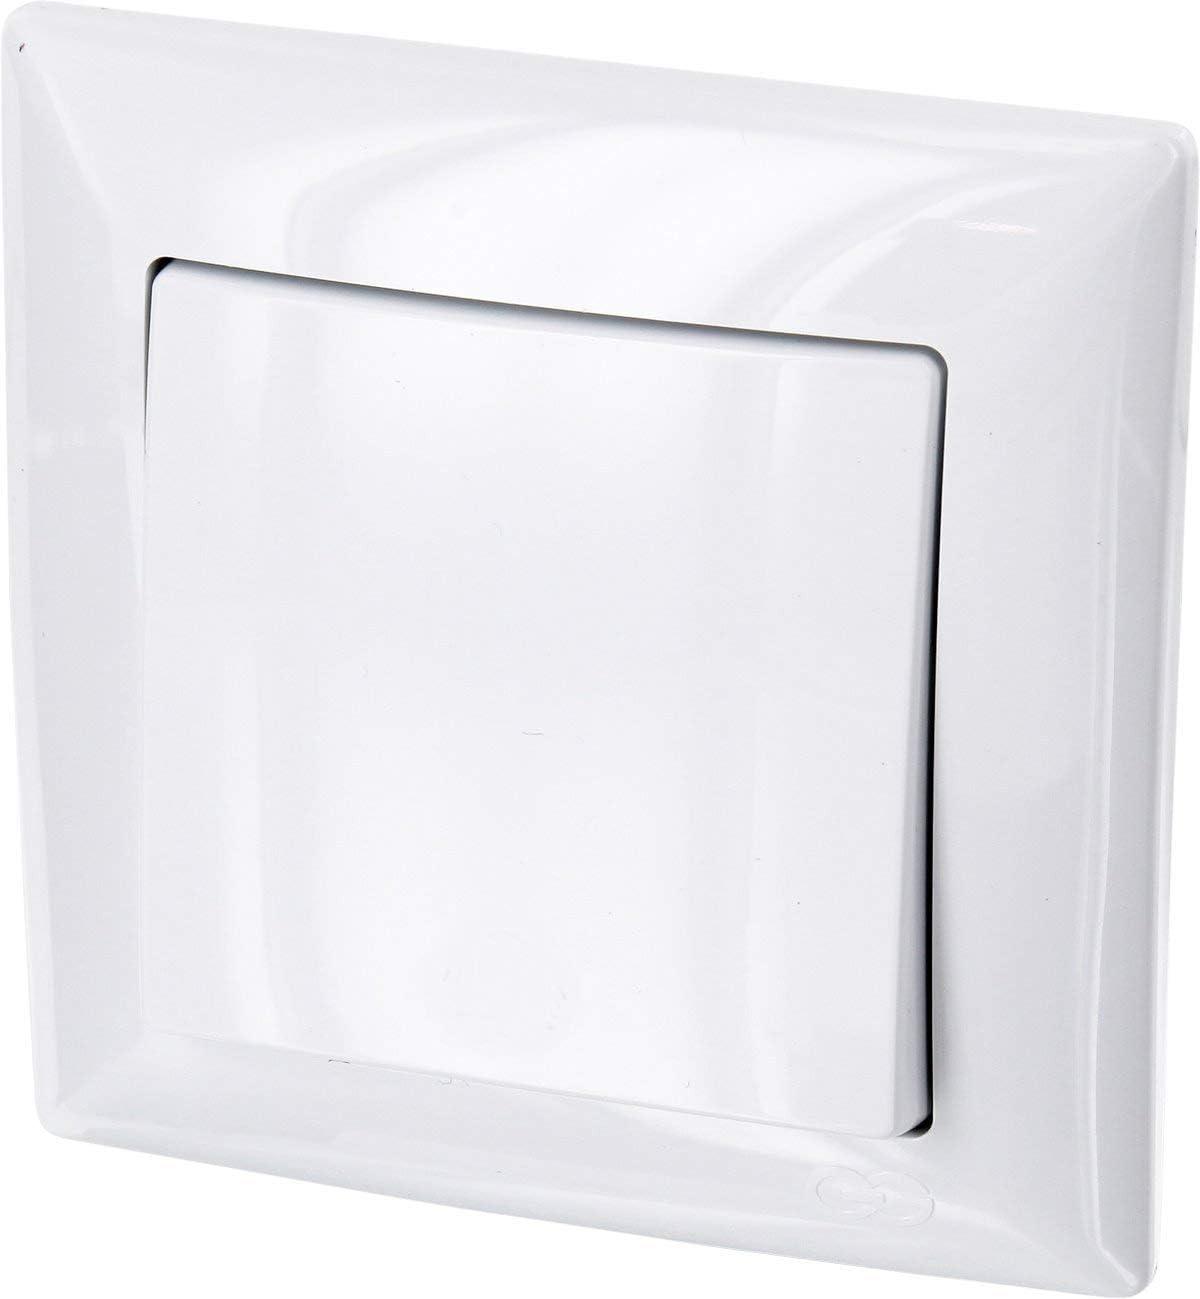 Interruptor de encendido/apagado todo en uno, marco + pieza empotrable + cubierta (serie G1 de color blanco).